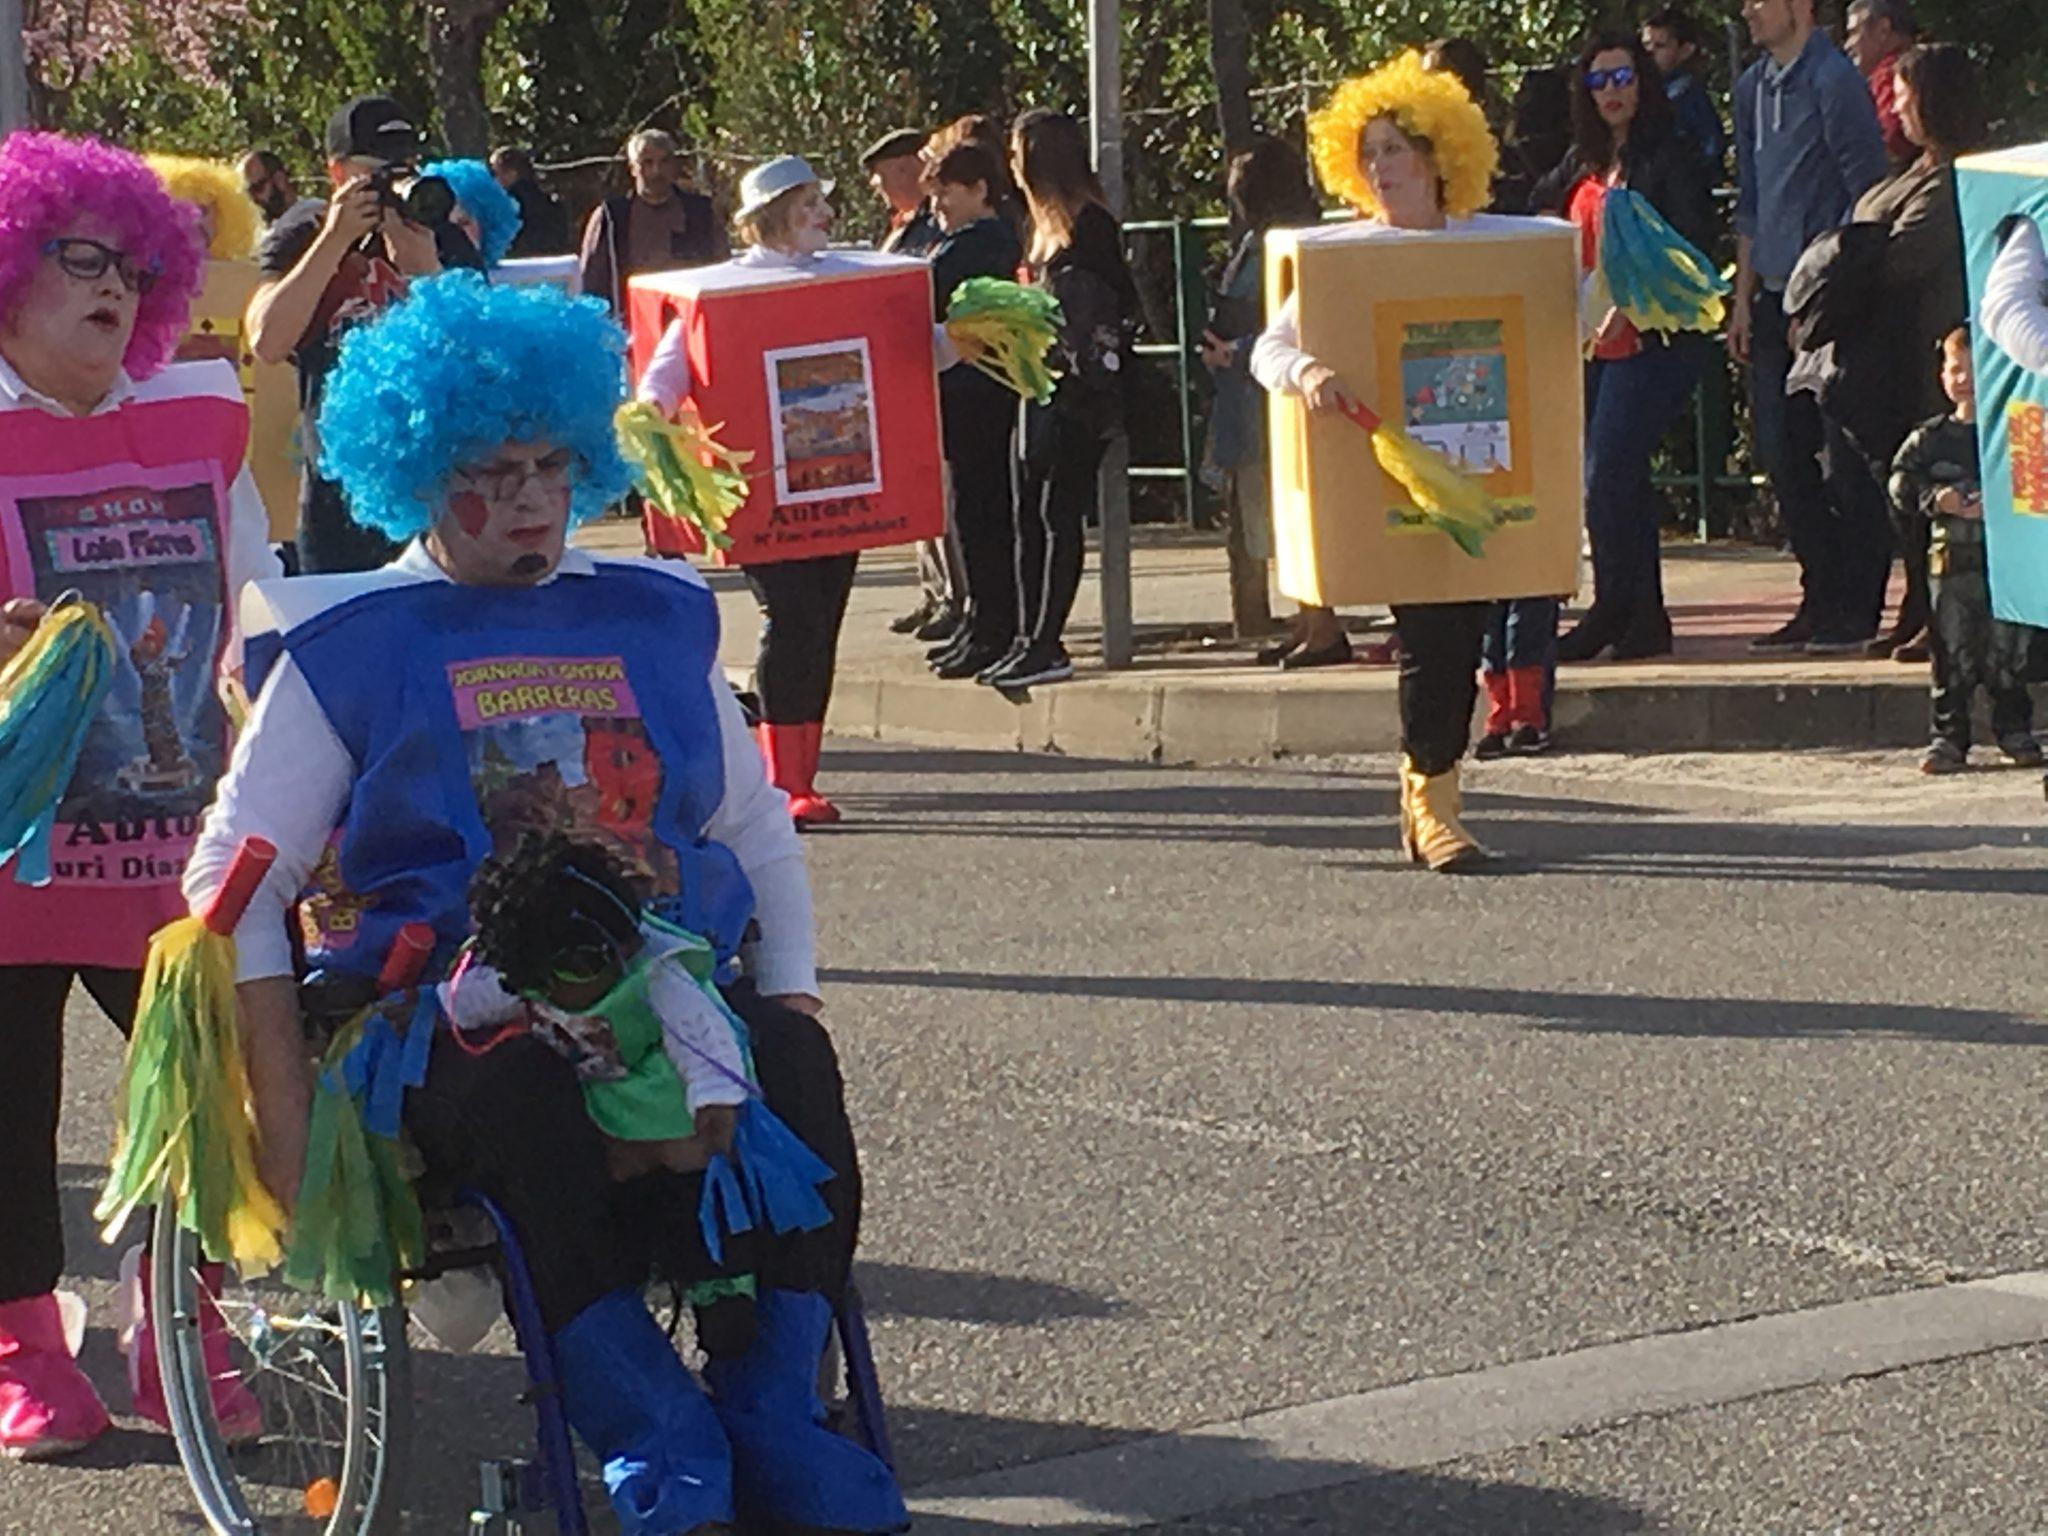 Desfile de Carnaval Cubillos del Sil 2019 - Álbum de fotos 29